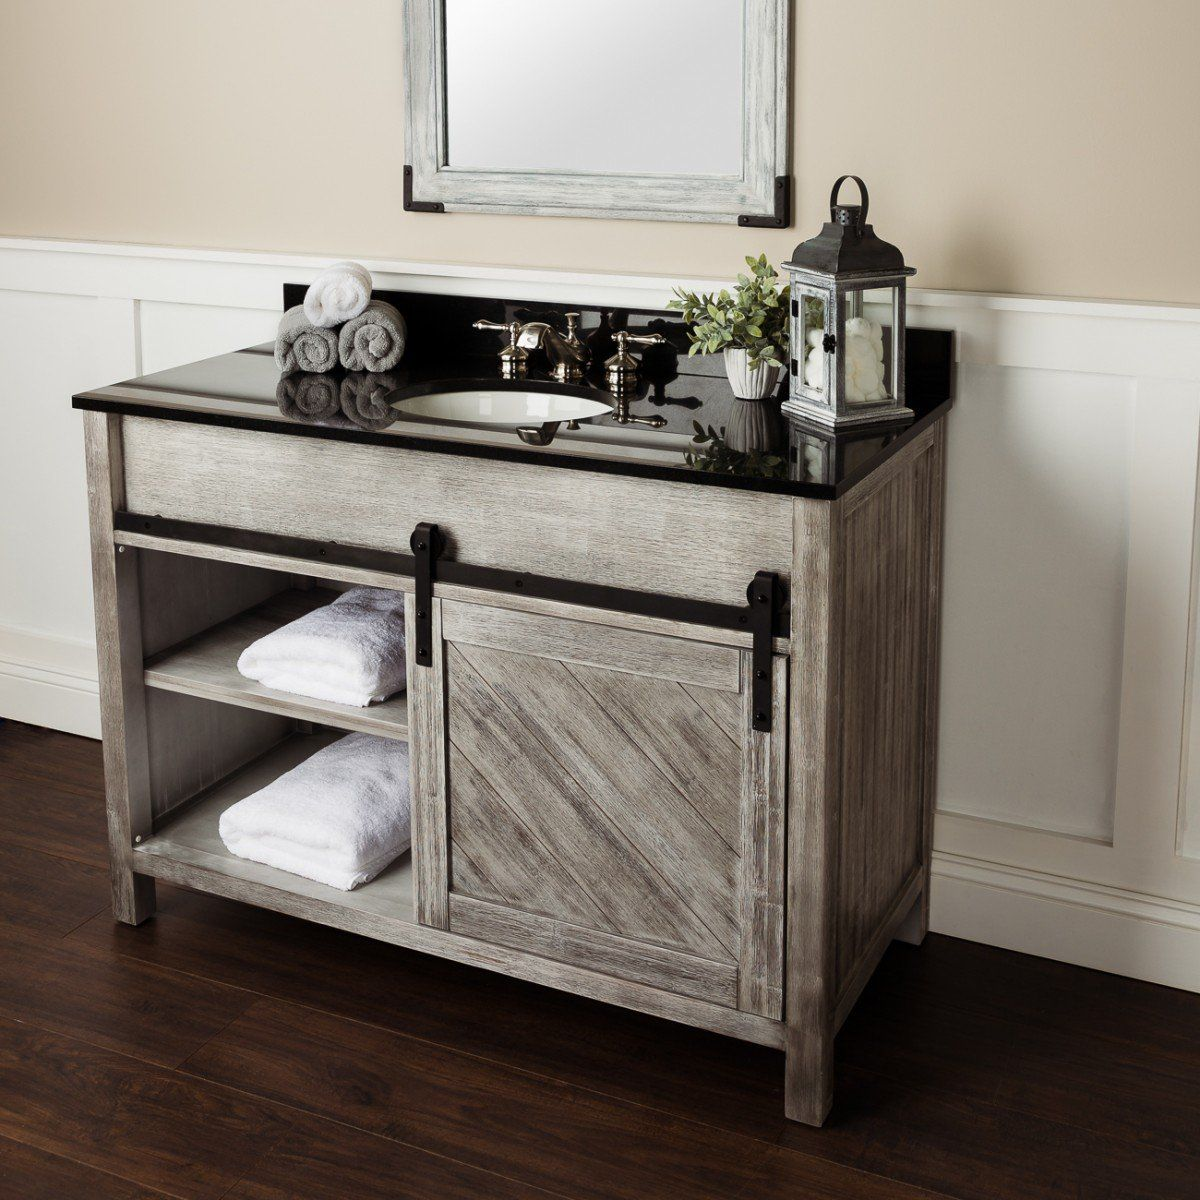 48 Inch Weathered Barn Door Vanity Bathroom Design Black Farmhouse Bathroom Vanity Bathroom Decor